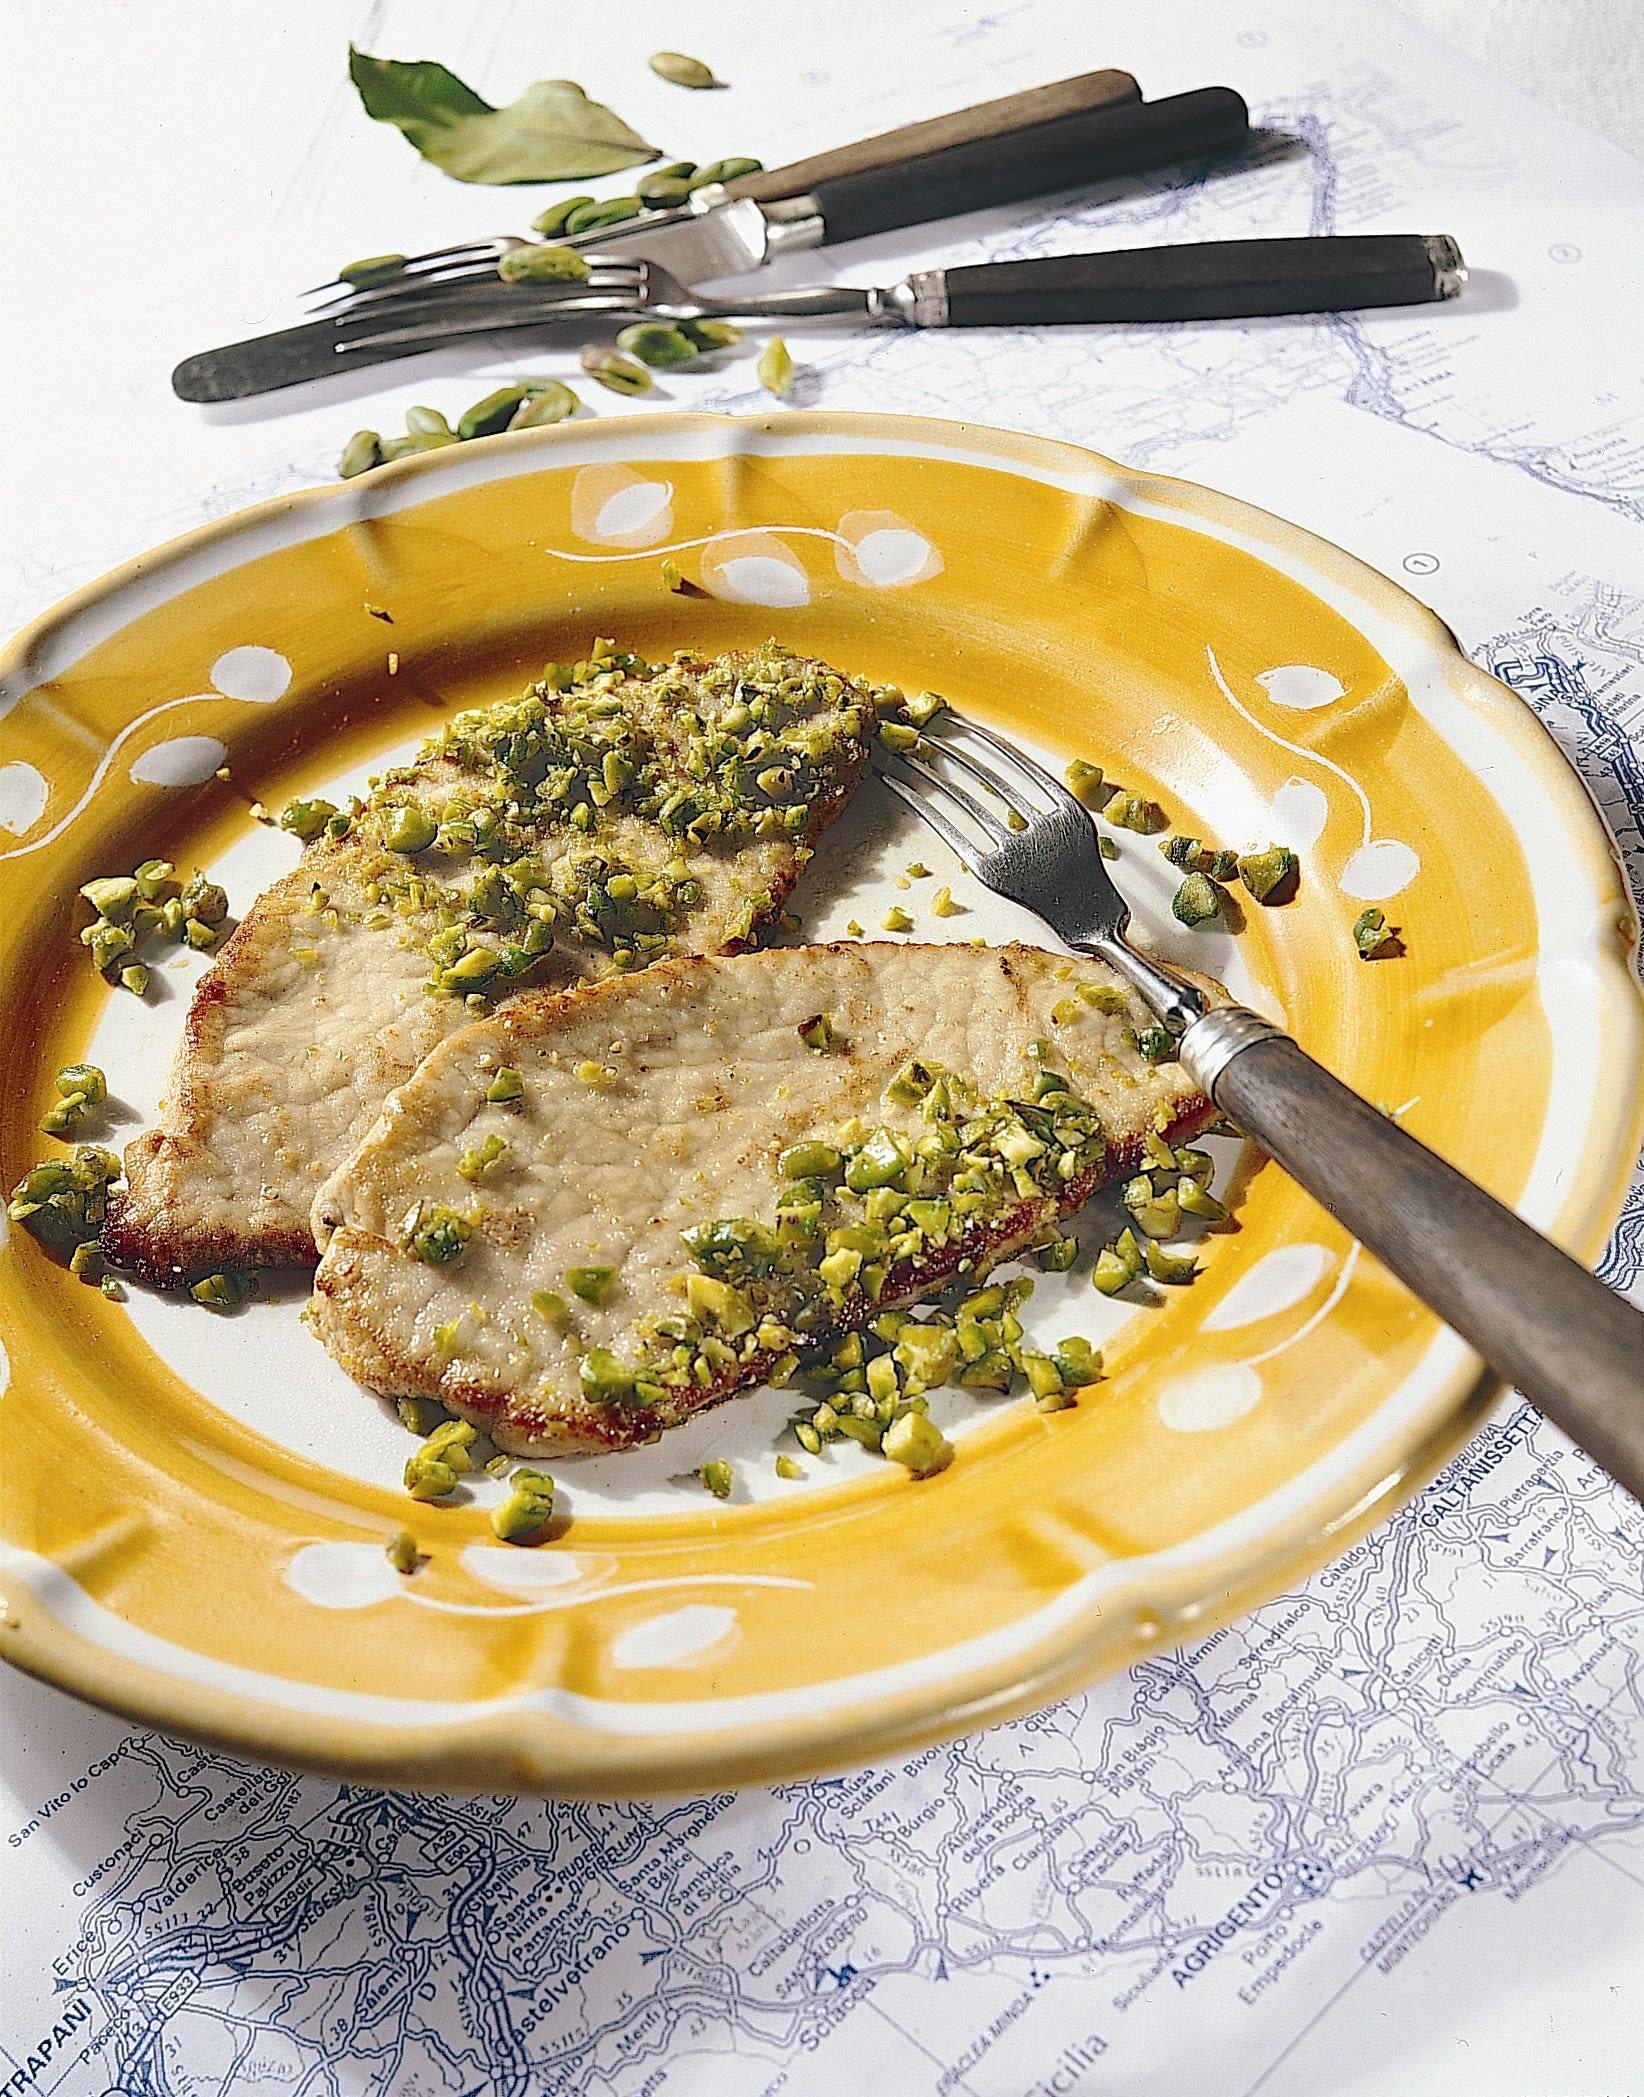 Scaloppine al pistacchio (Kalbsschnitzel mit Pistazien)